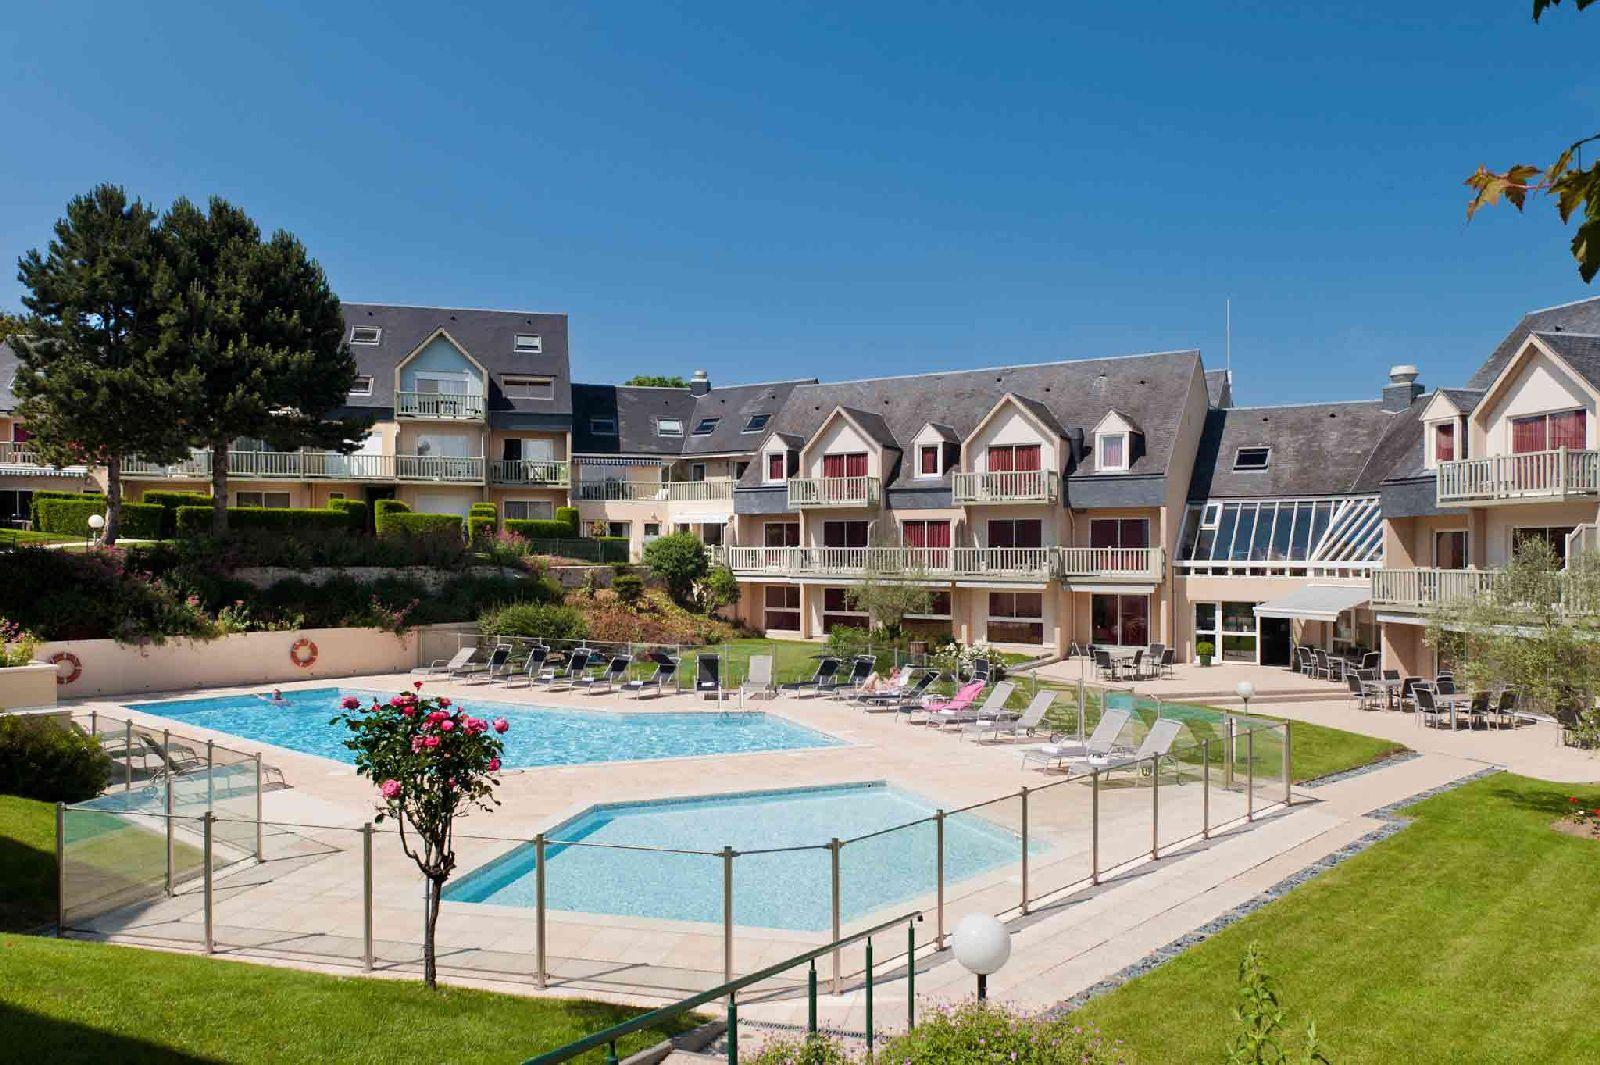 golf-expedition-golf-reizen-frankrijk-regio-normandië-hotel-mercure-omaha-beach-hotel-met-luxe-zwembad.jpg